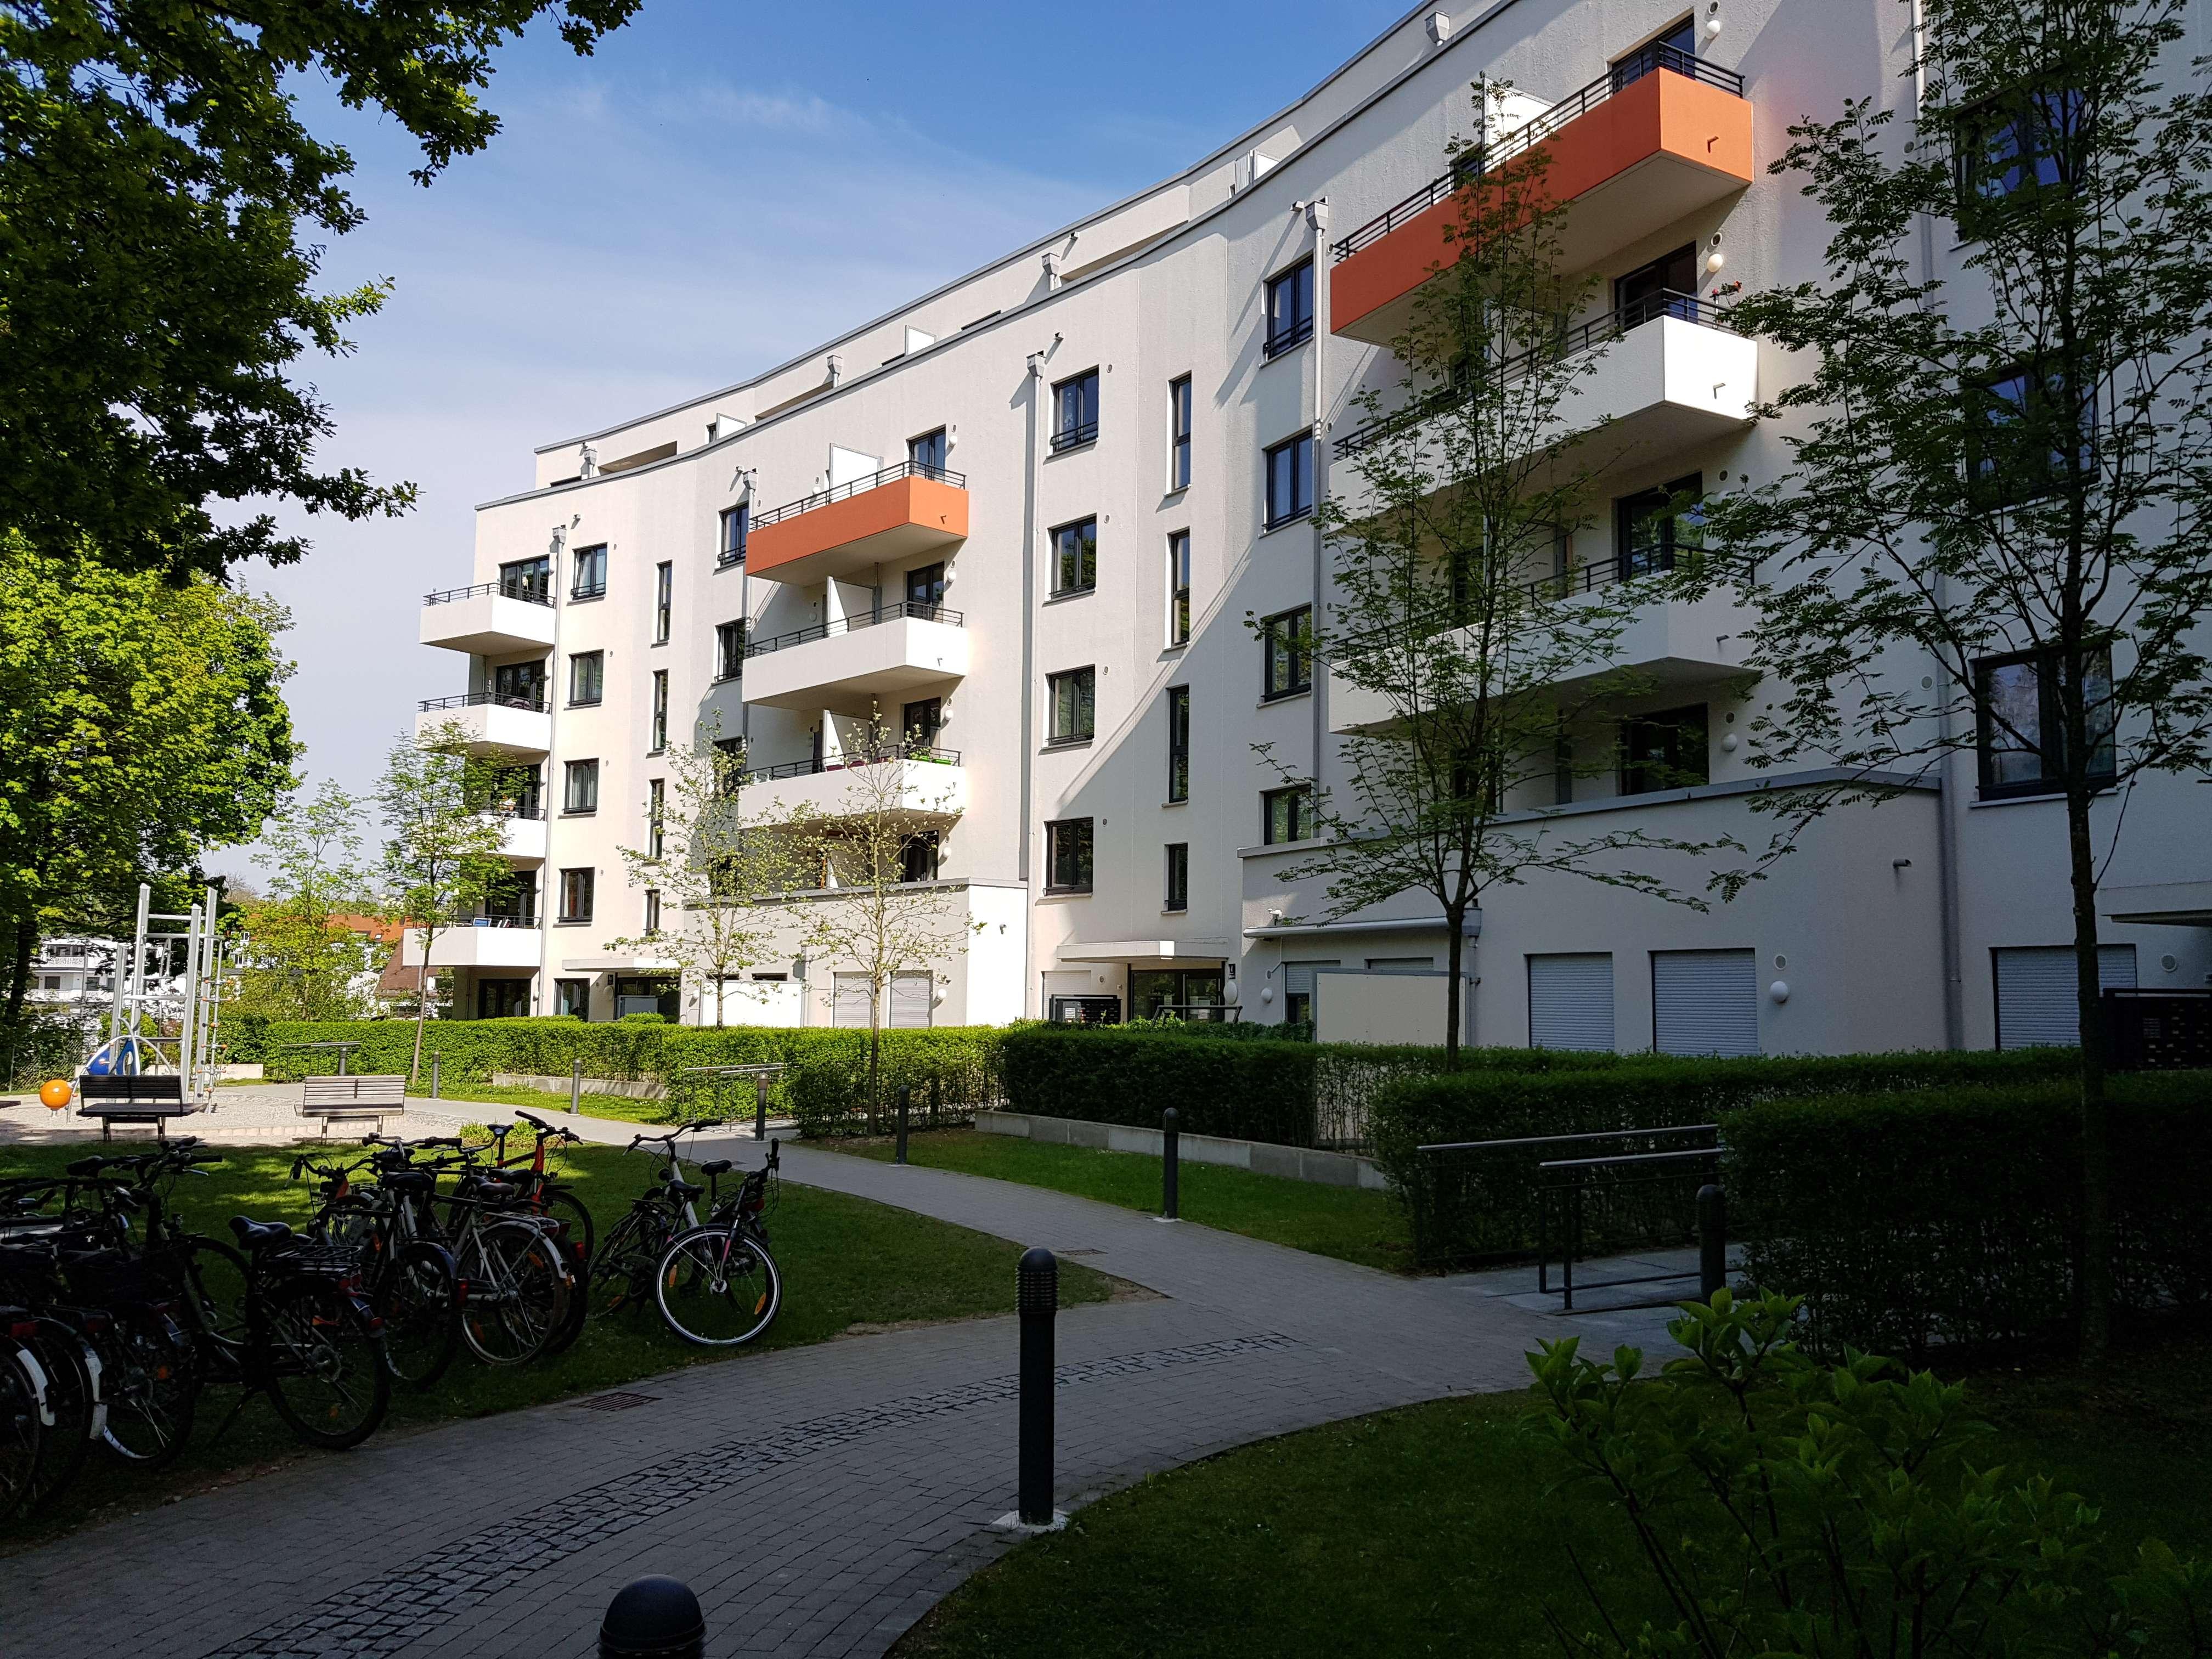 Neuwertige 3-Zimmer-Wohnung mit Loggia in Pasing, München